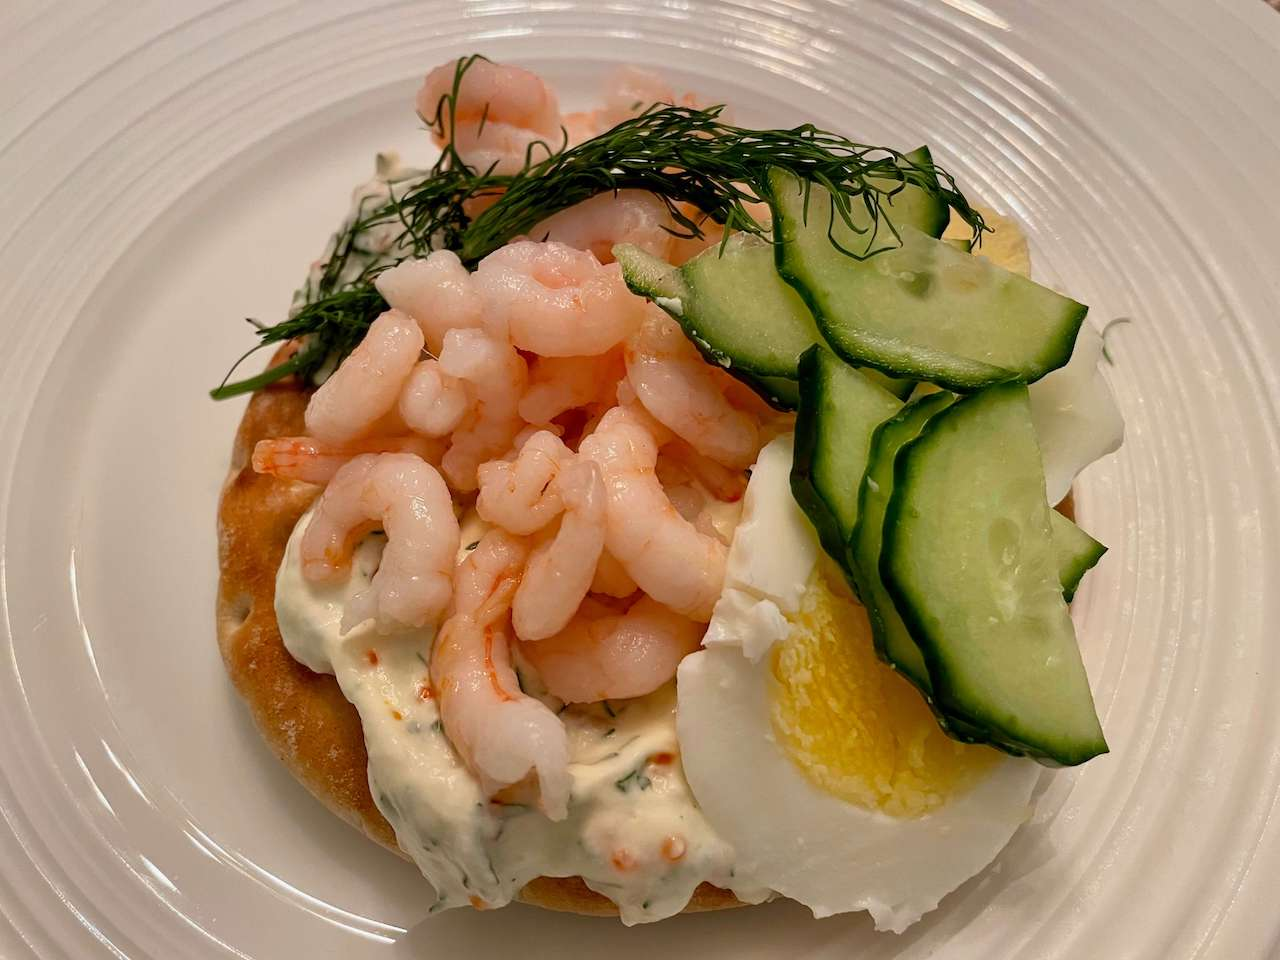 Sweden - Räksmörgås, Swedish Prawn Sandwich